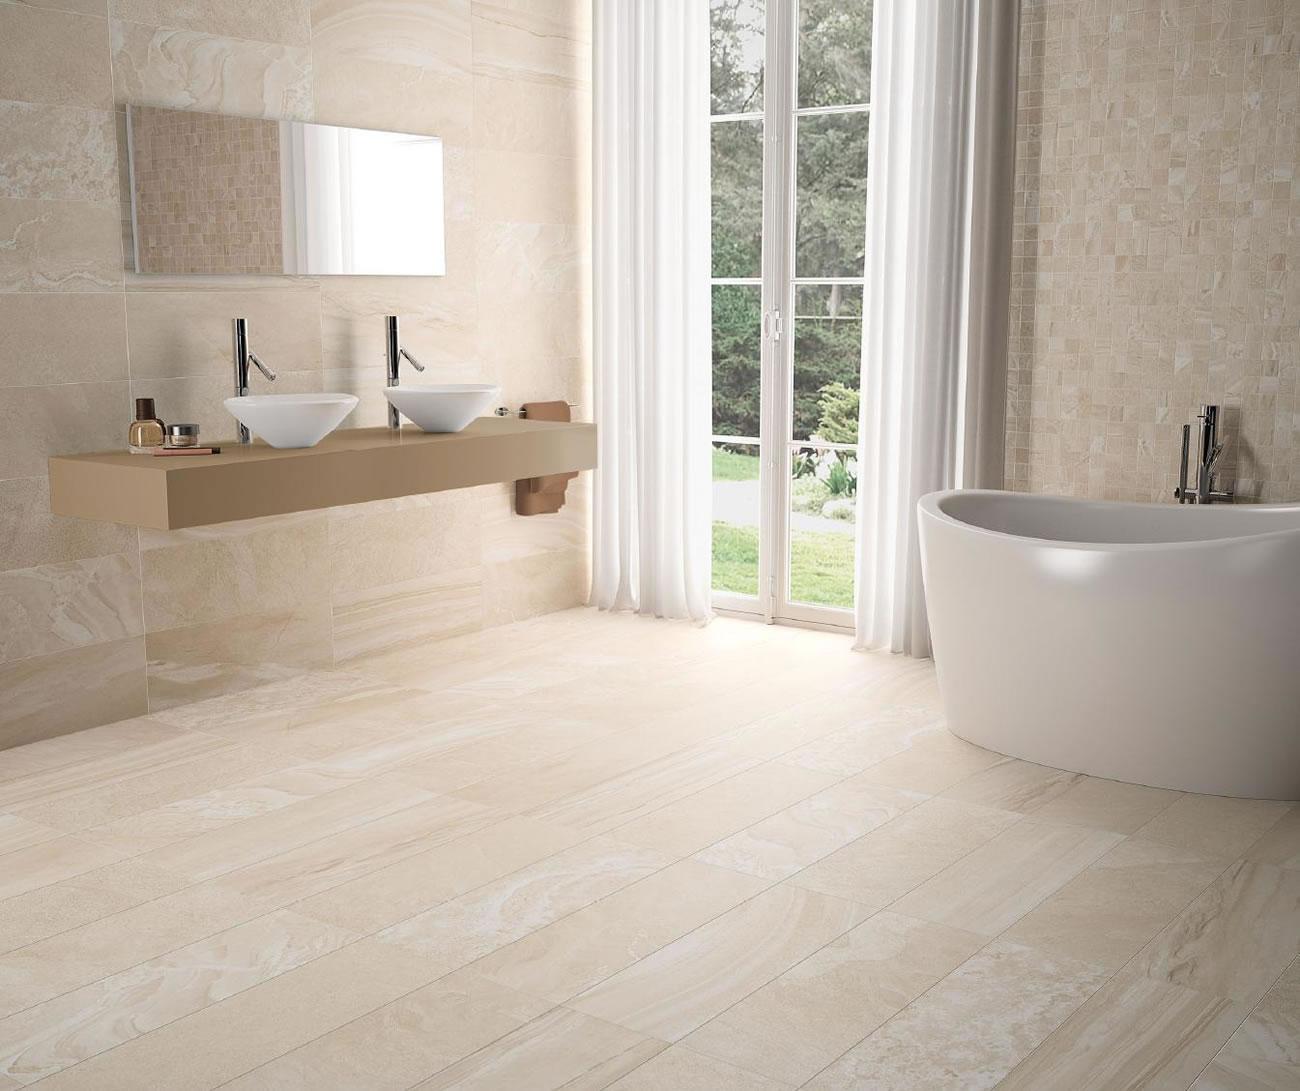 Nuevos suelos de interior y exterior para tu hogar en rivas - Suelos porcelanicos para cocinas ...